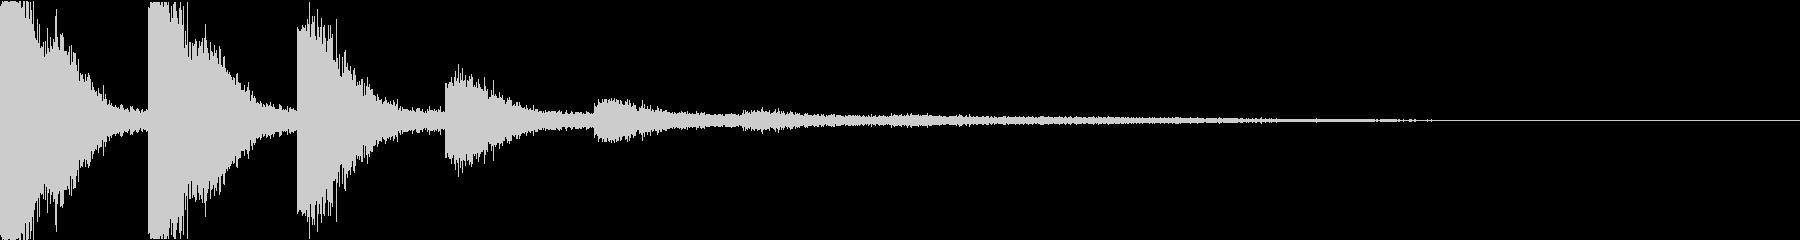 スネア:衝撃音・迫力・インパクトの未再生の波形